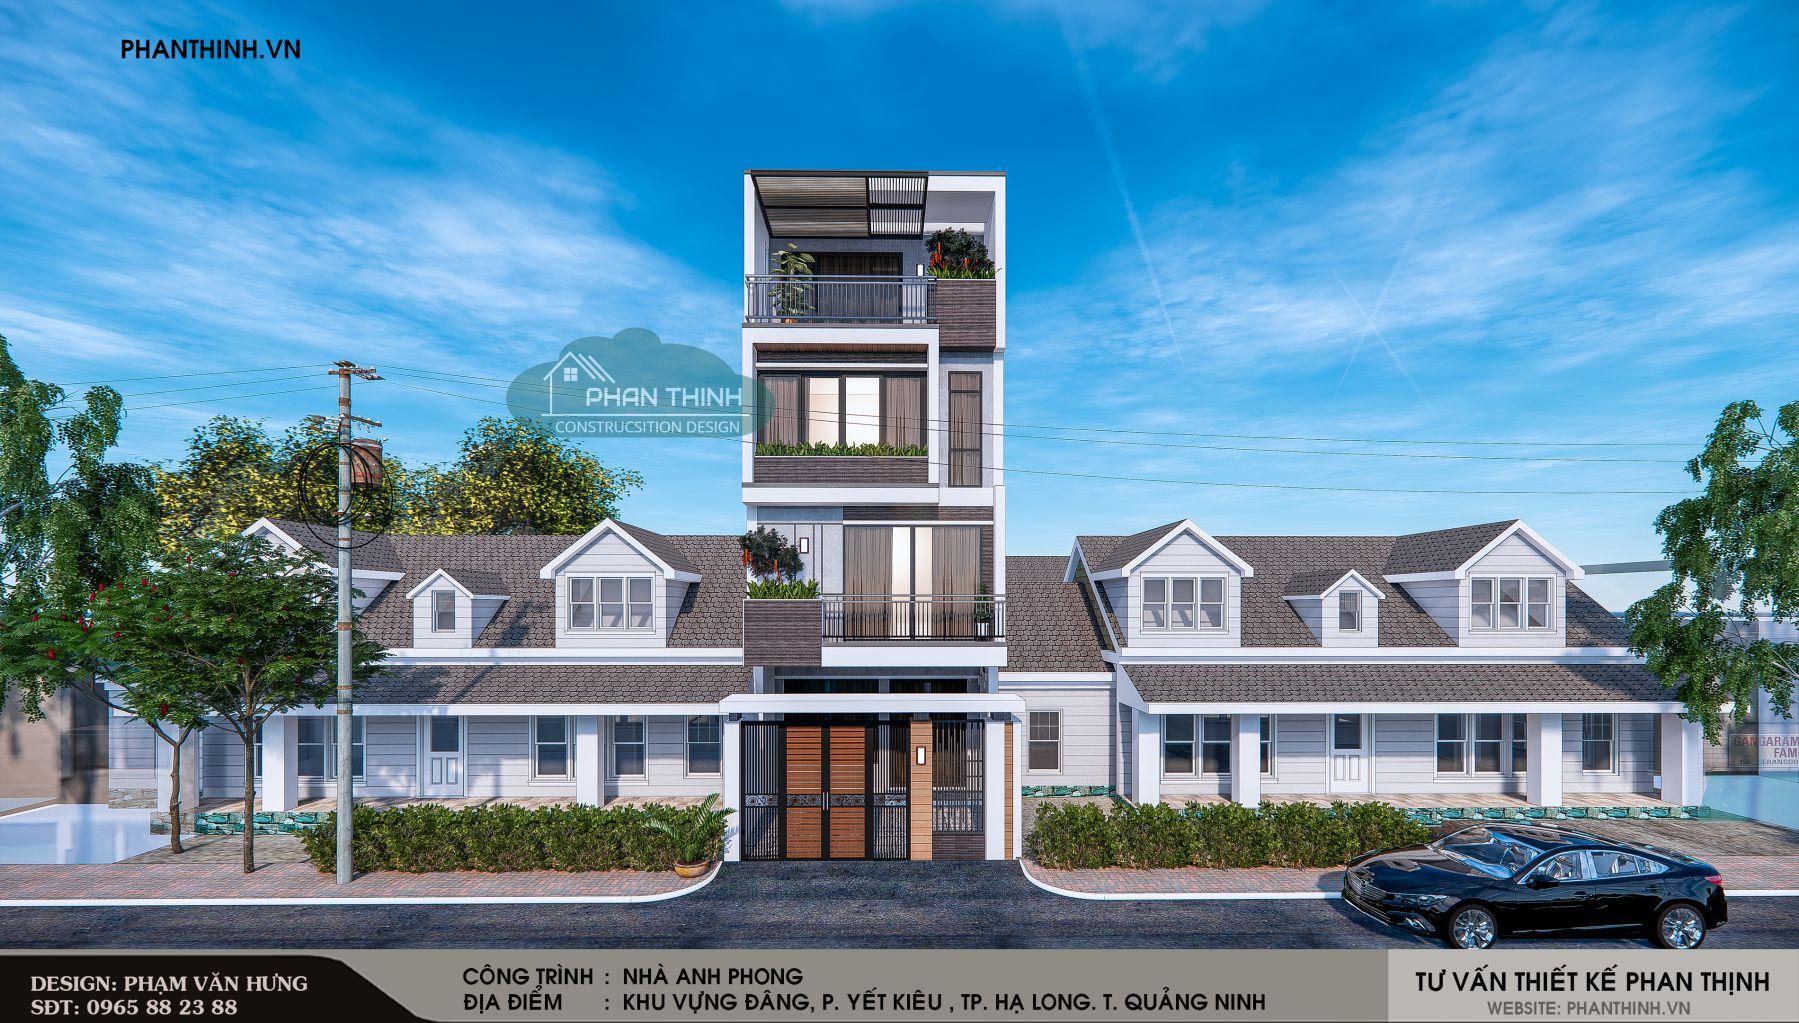 Thiết kế mặt tiền phương án 1 căn nhà ống 4 tầng đẹp tại Quảng Ninh.